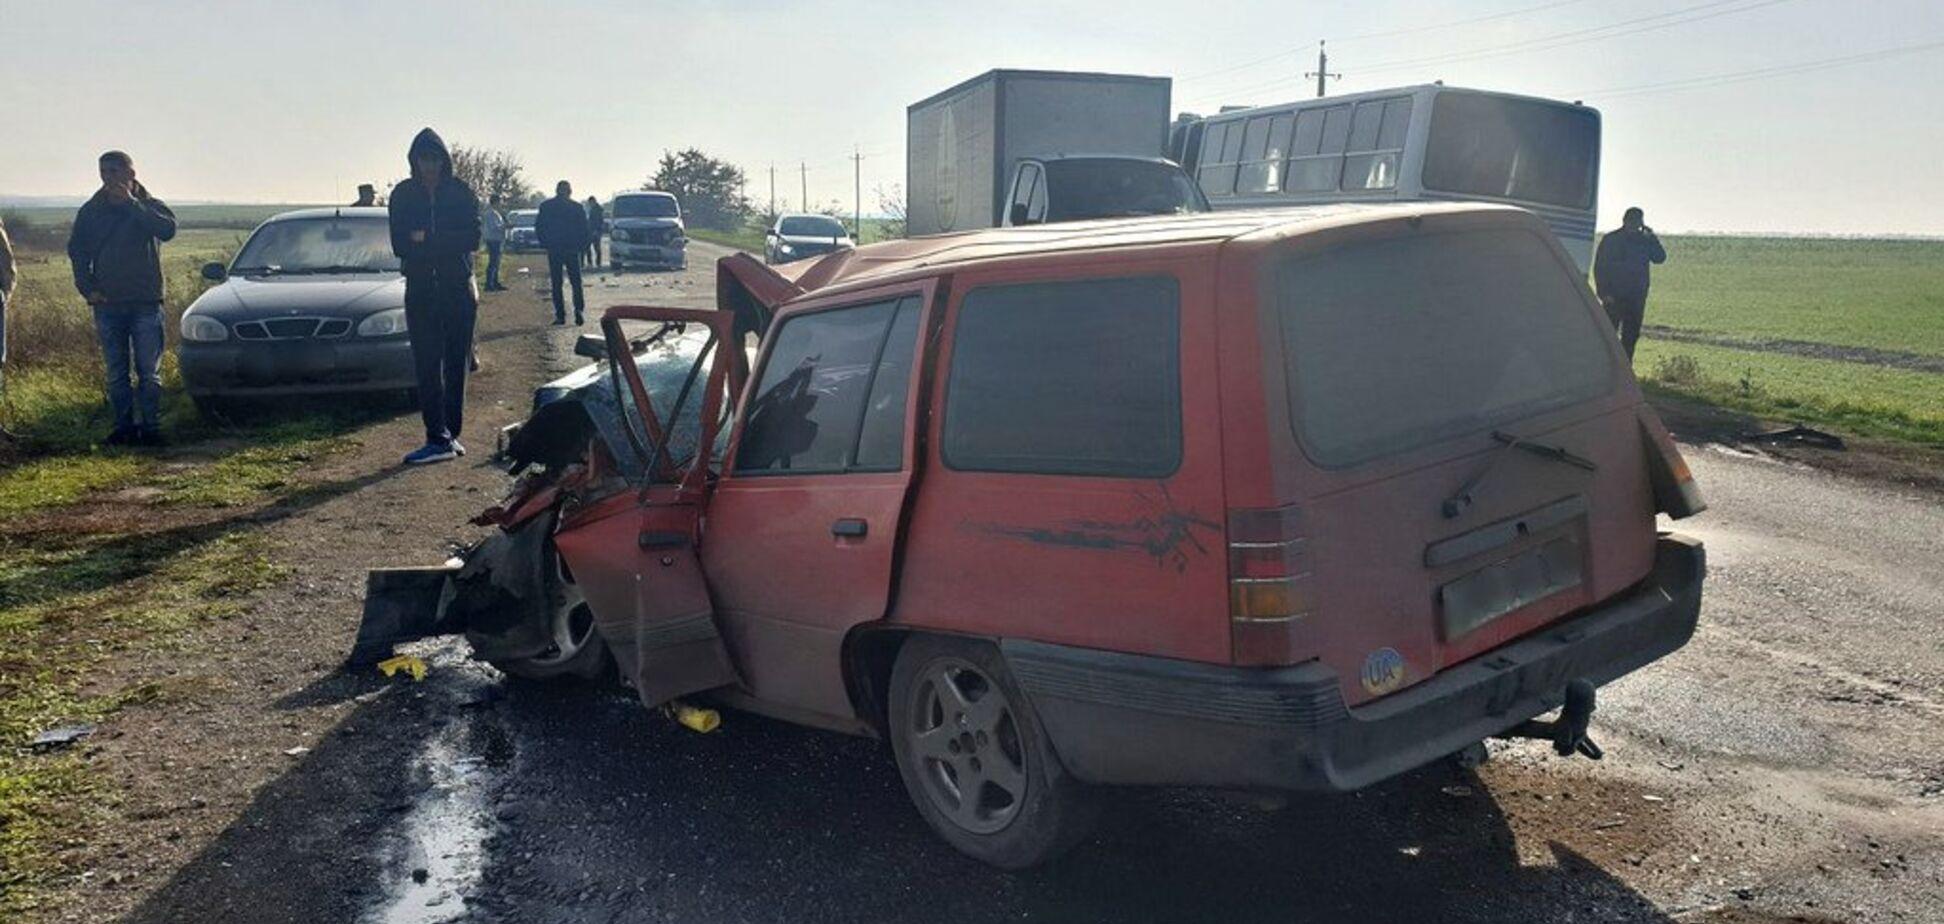 Столкнулись автобус и 5 авто: под Одессой произошло масштабное ДТП. Фото